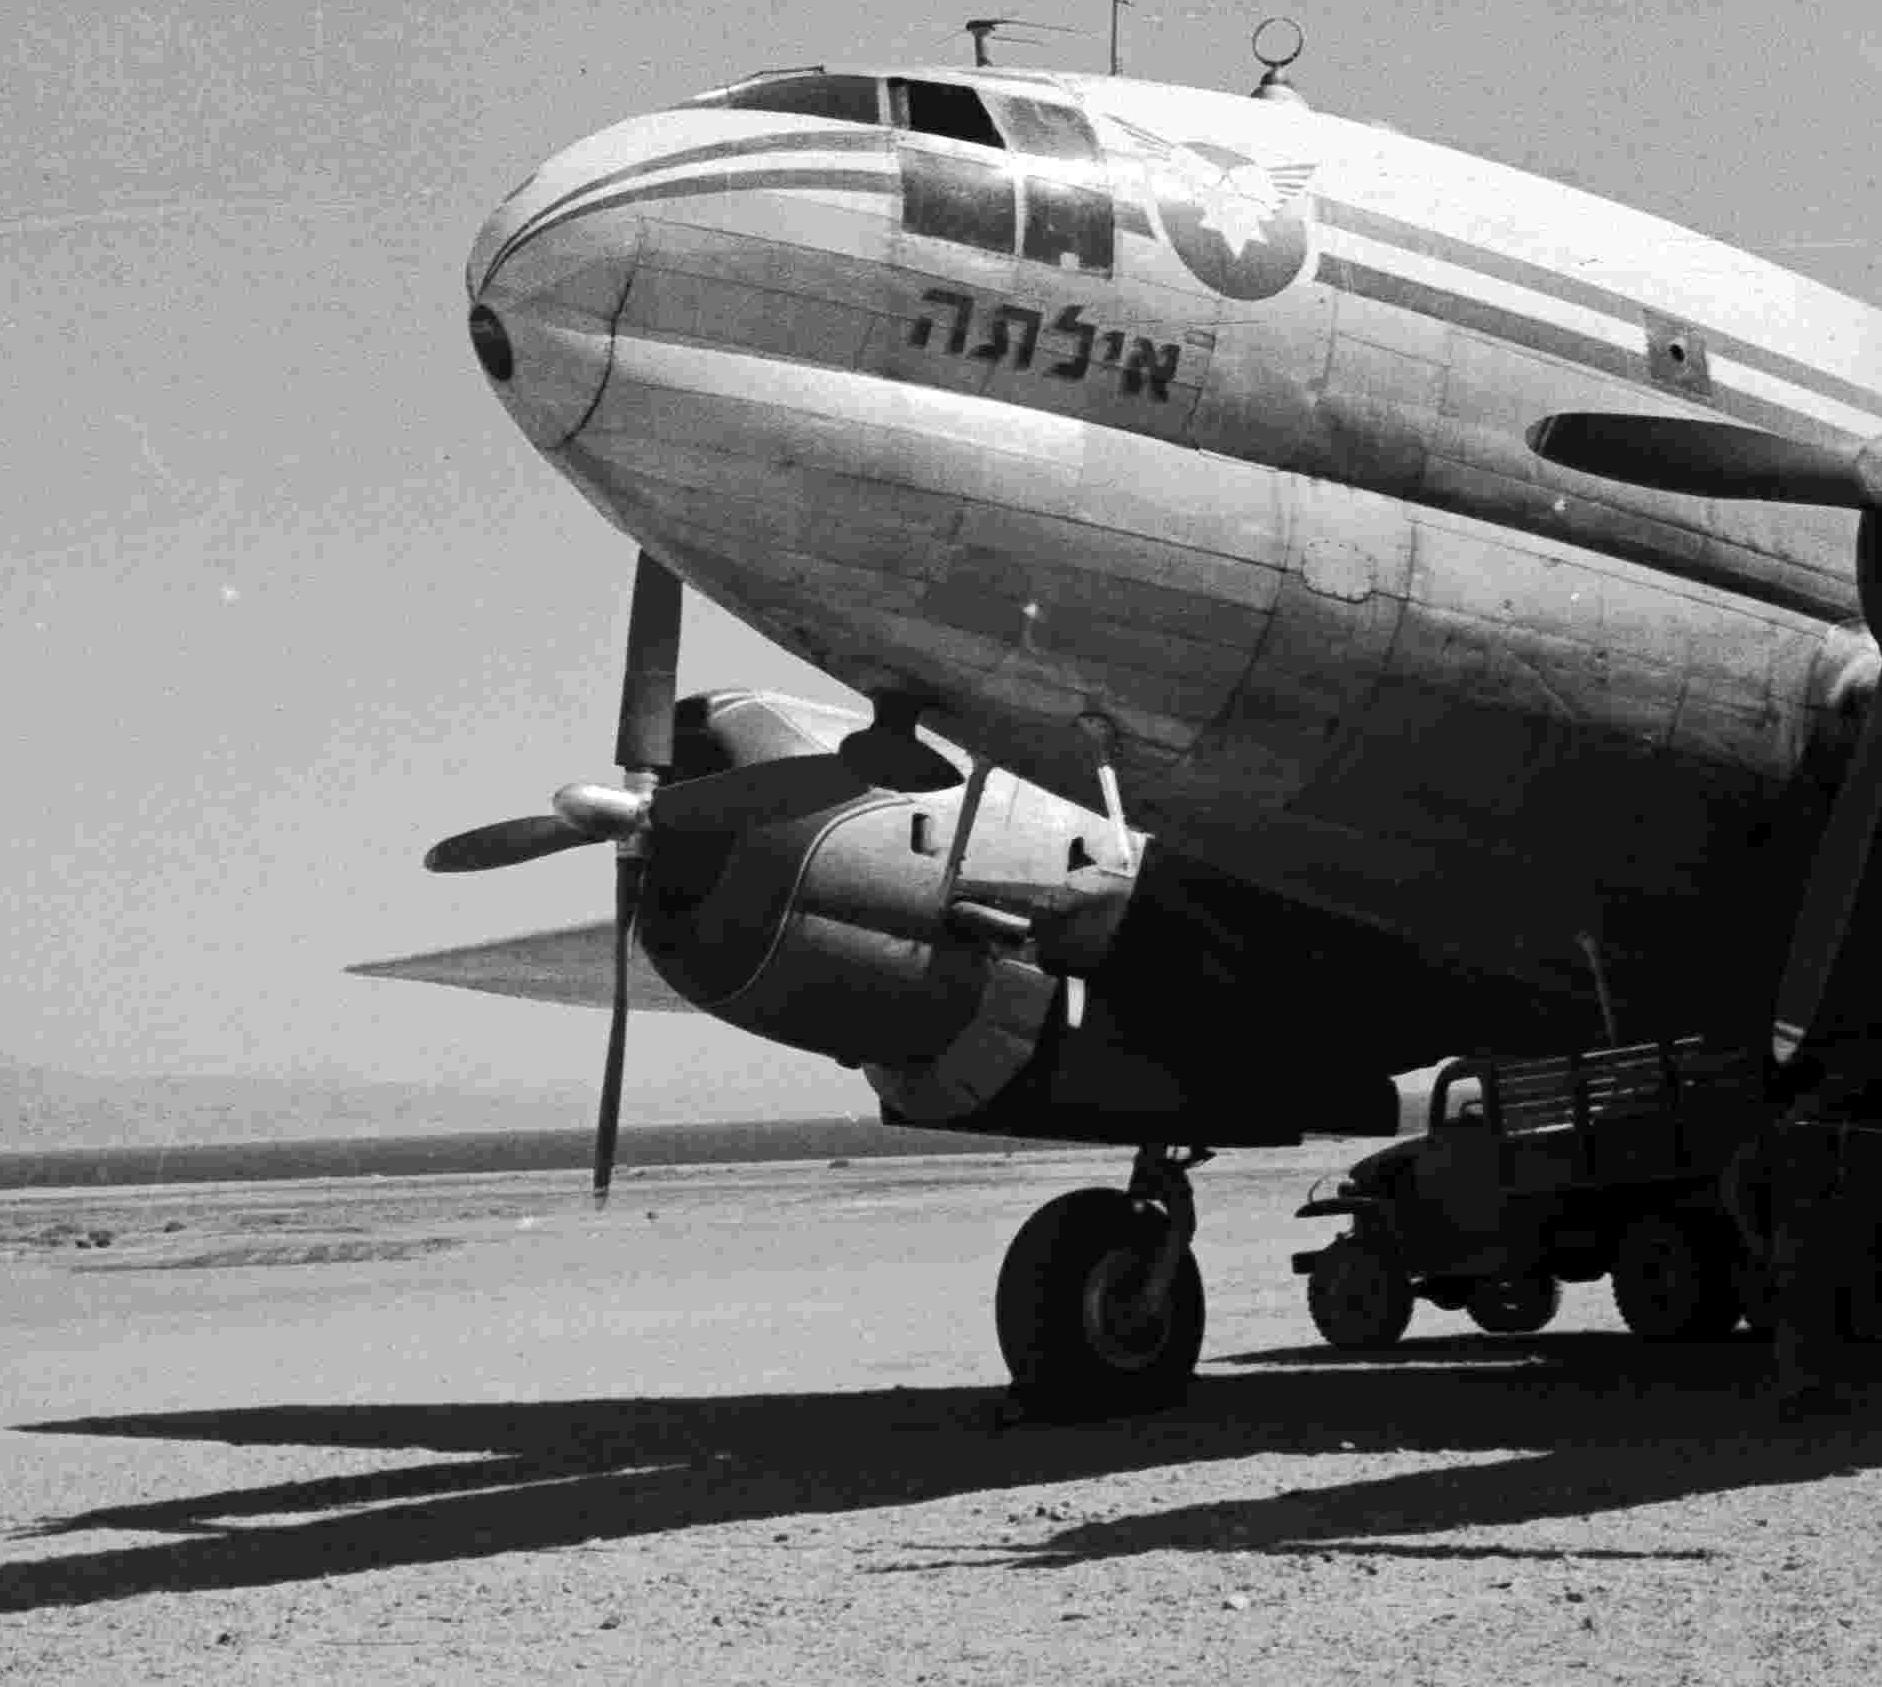 C-46CommanderEilat